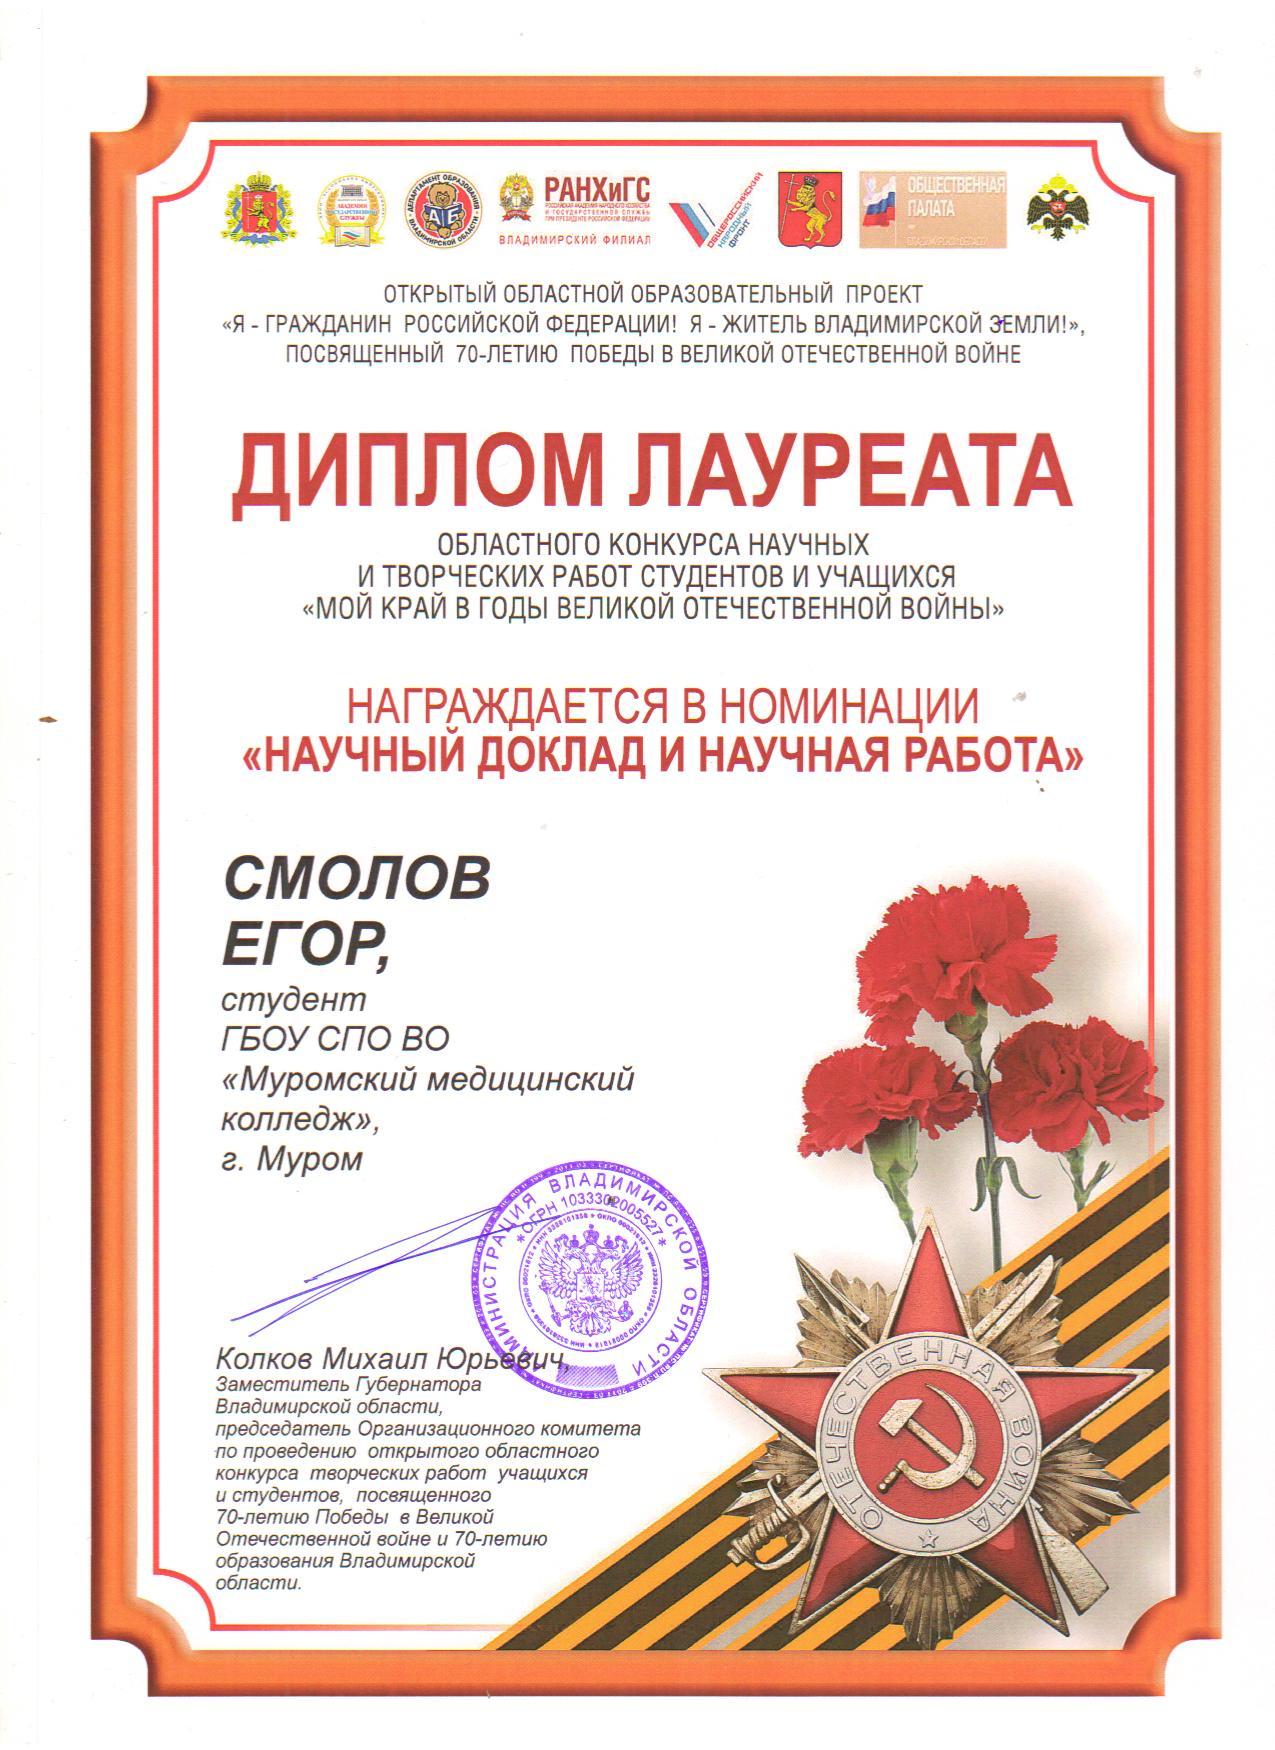 \\192.168.0.254\каталог для обмена данными\Мысова\Диплом Смолов Егор.jpg